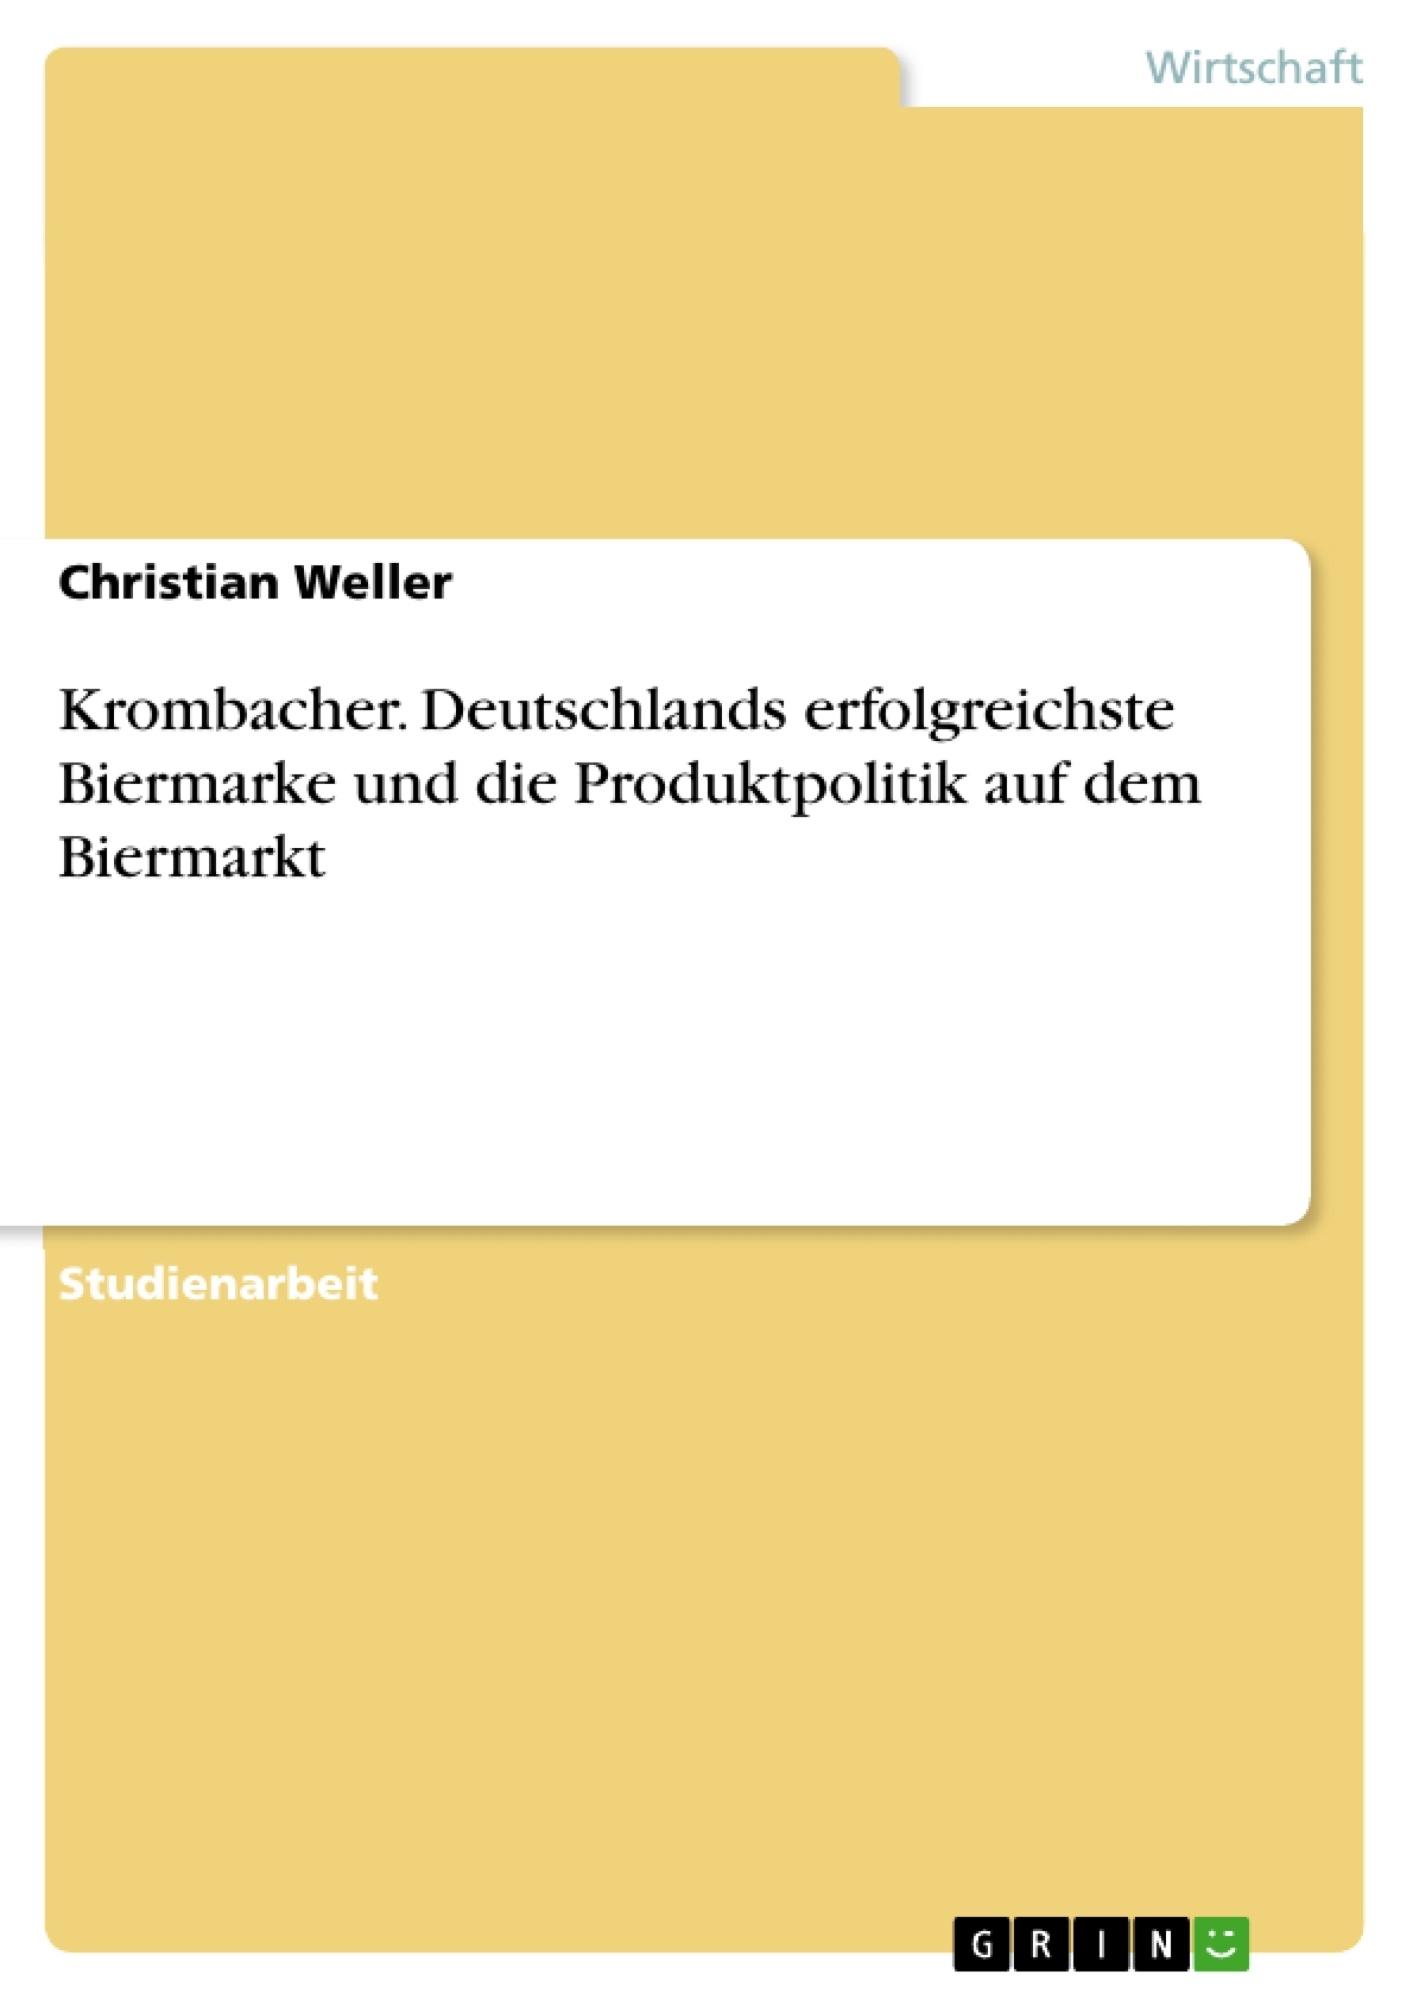 Titel: Krombacher. Deutschlands erfolgreichste Biermarke und die Produktpolitik auf dem Biermarkt